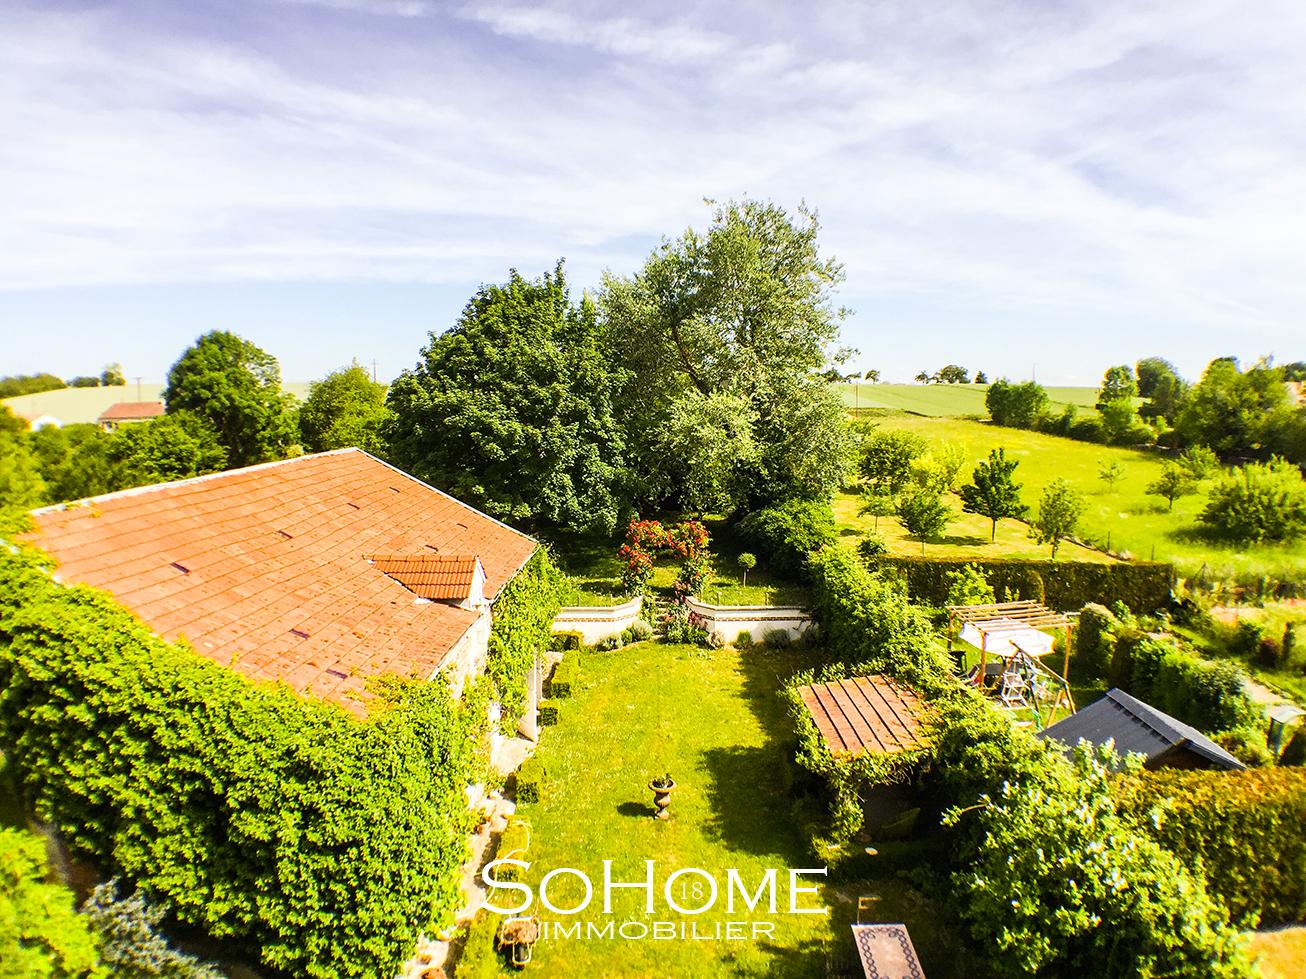 SoHomeImmobilier-FAMILIALE-maison-9.jpg